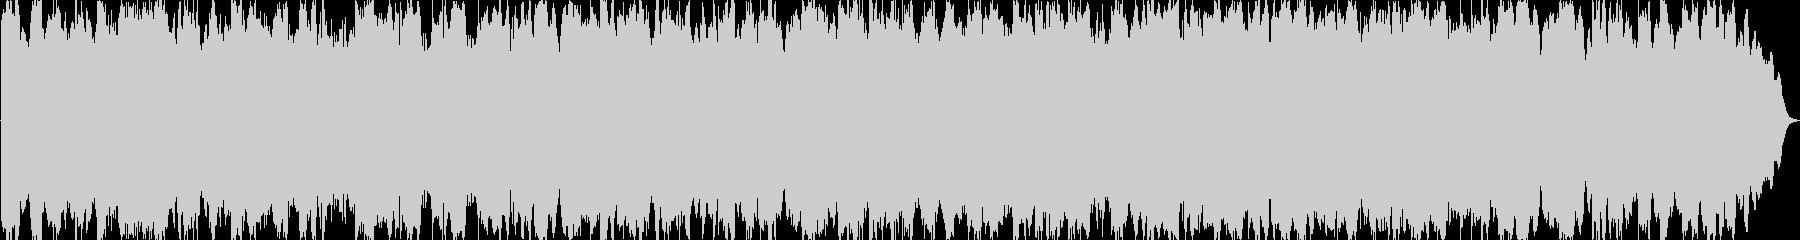 バロック調のオーボエのための曲ですの未再生の波形